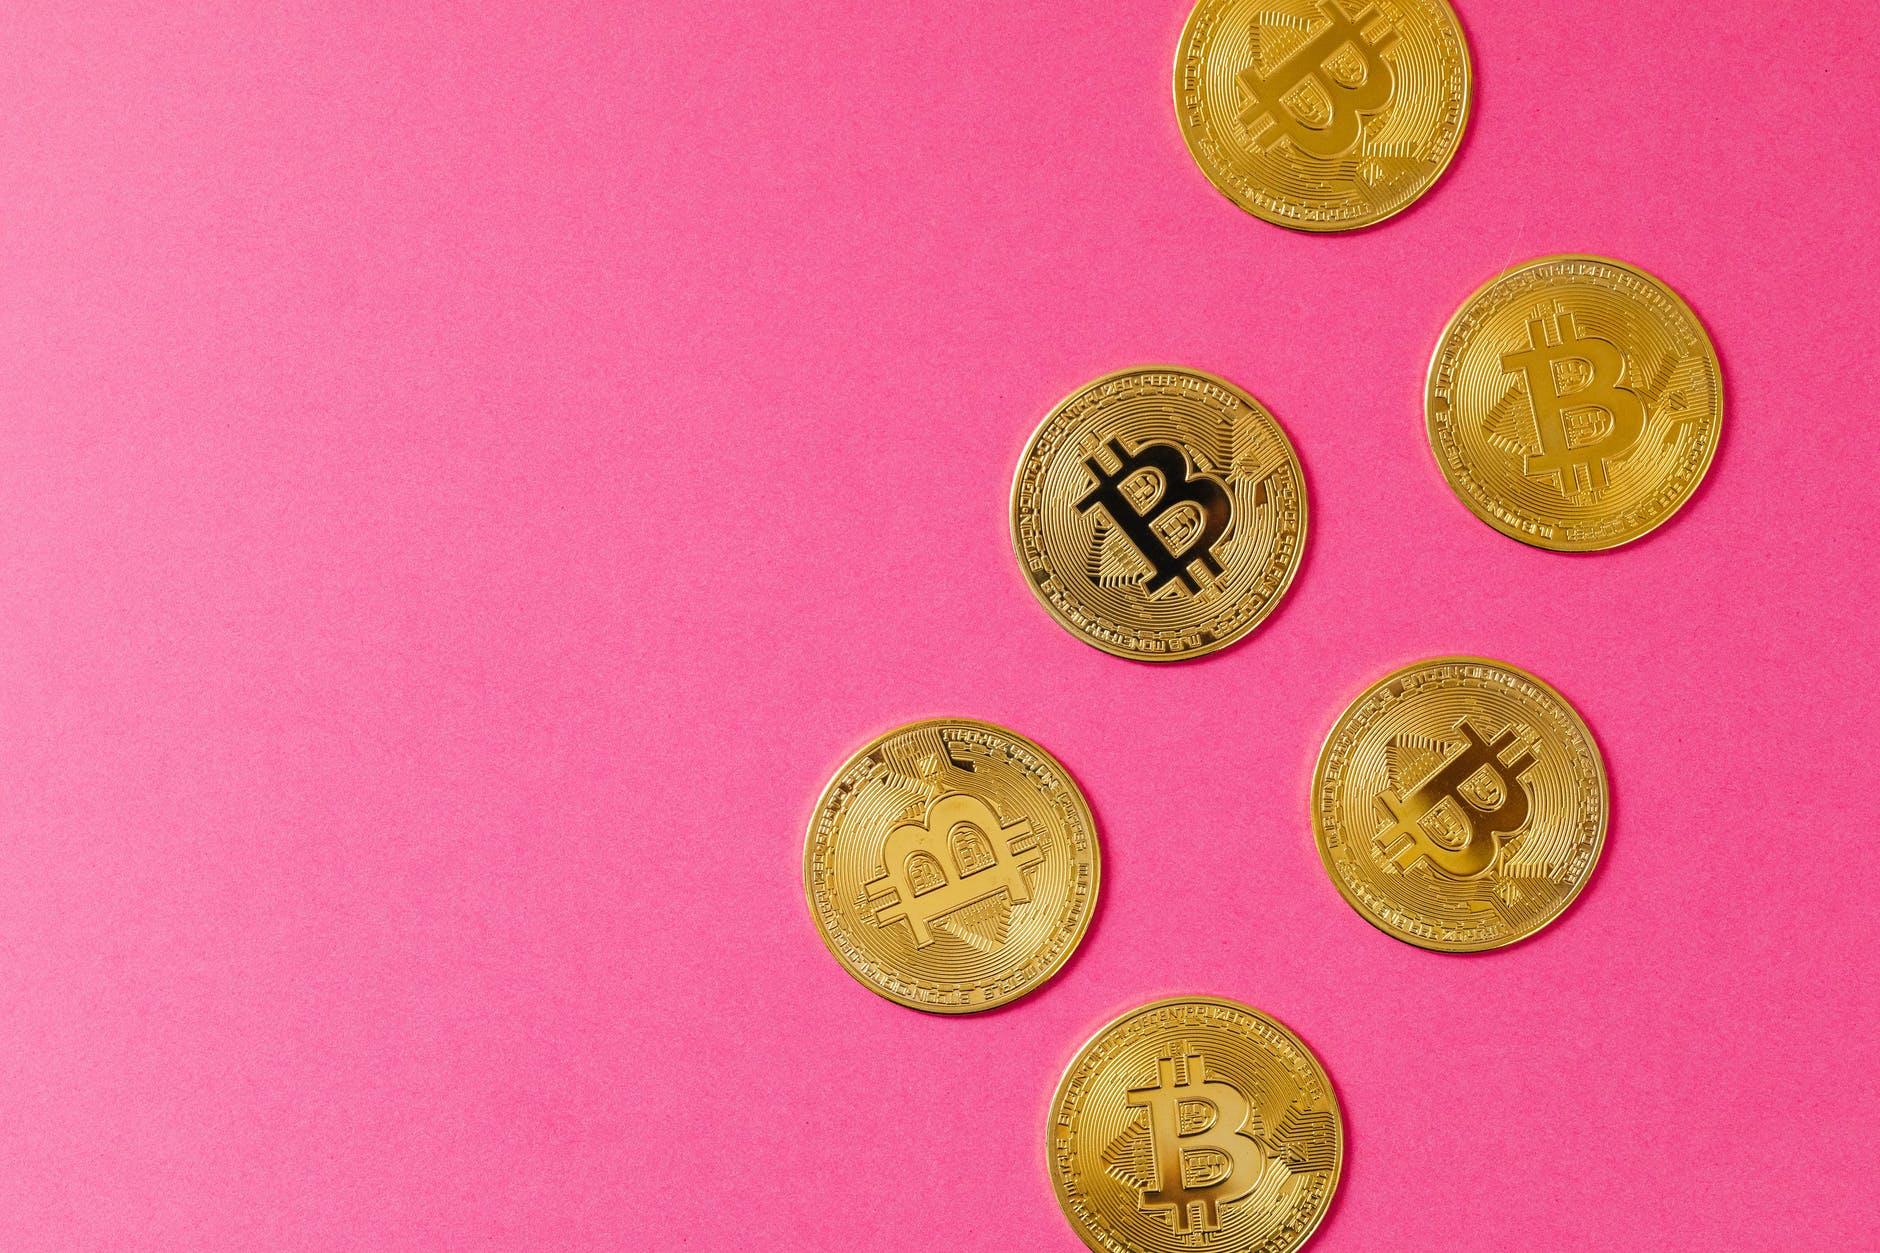 Bitcoin wordt door veel klanten gezien als een activaklasse, aldus senior executive van JPMorgan